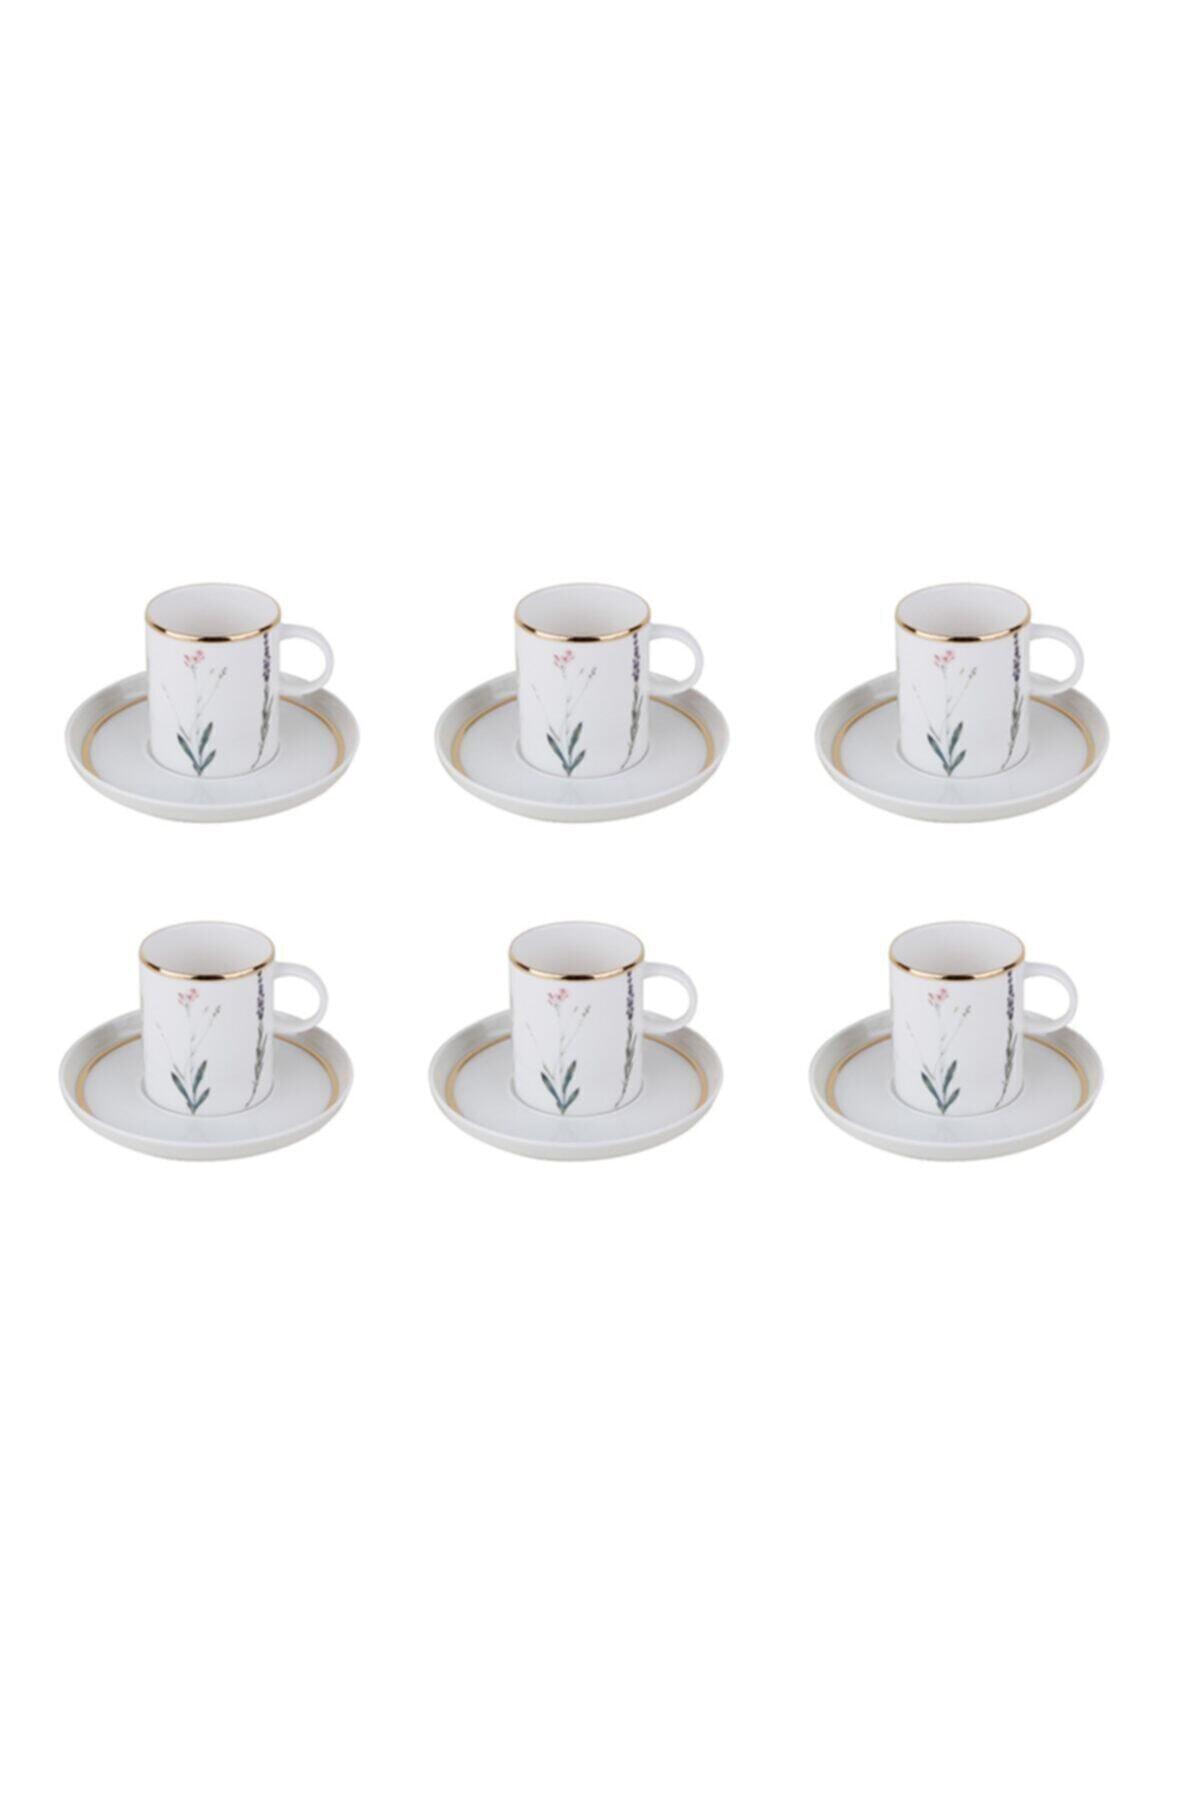 Botanical Beyaz Kahve Takımı 12 Parça